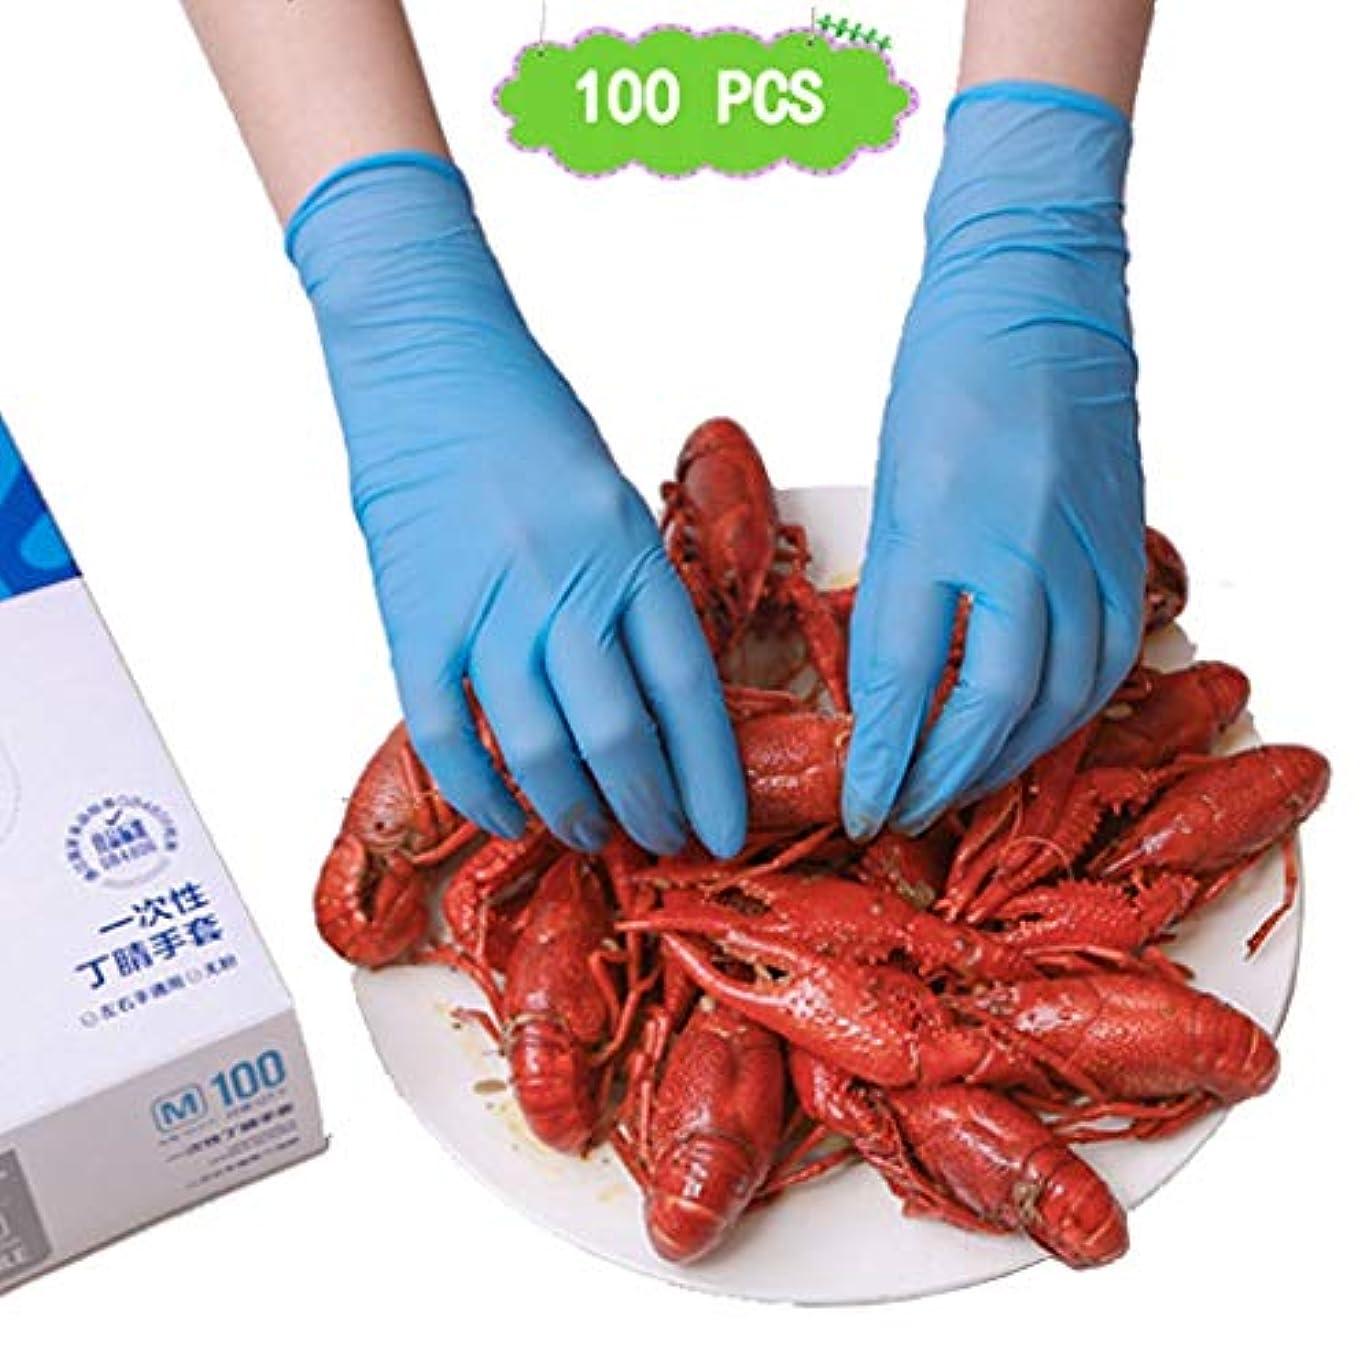 カビ失速精査するニトリル手袋、滑り止め使い捨て手袋ペットケアブルーフィンガーヘンプキッチンクリーニングエビビューティーサロンラテックスフリー、ダークブルーパウダーフリー、100個 (Size : S)